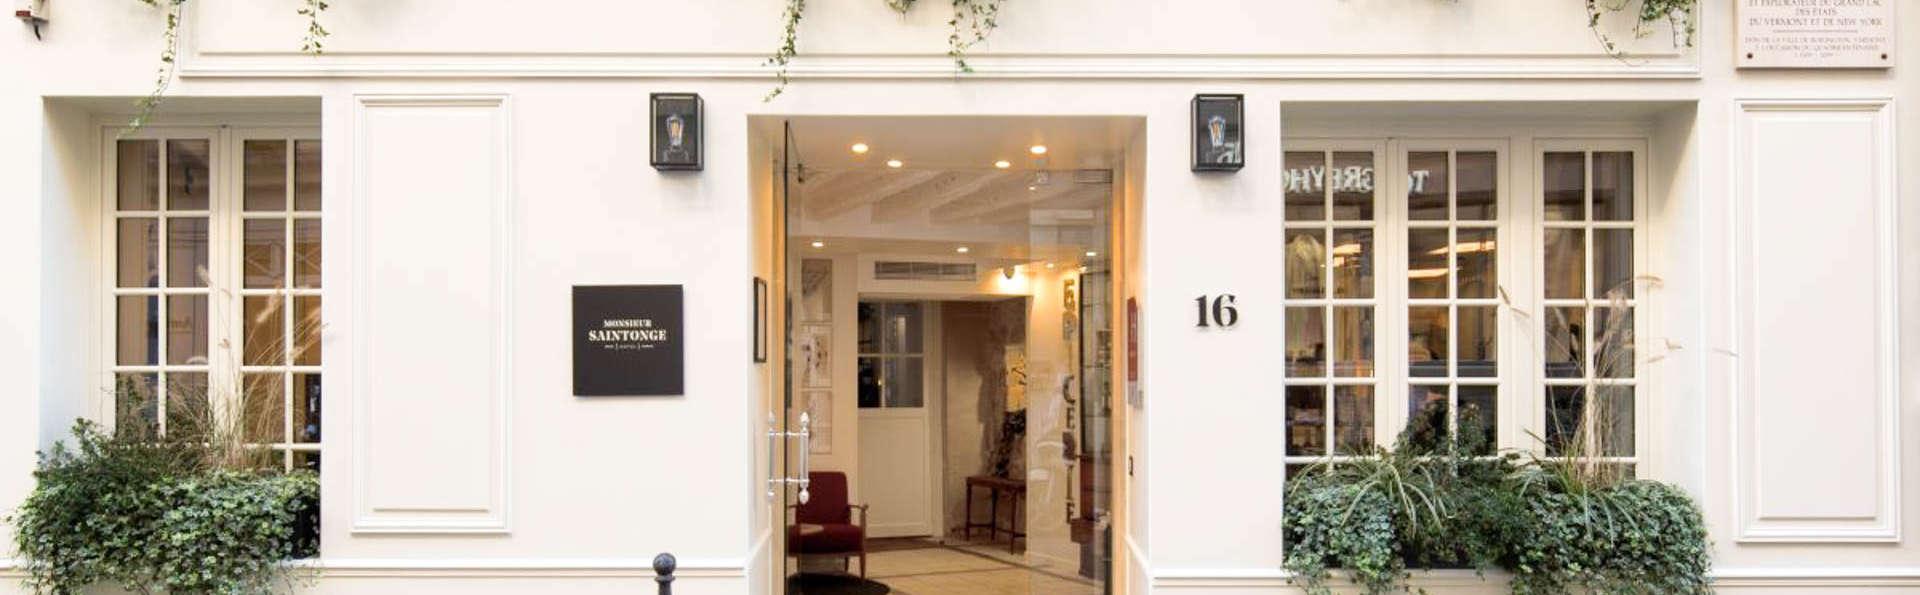 Hôtel Monsieur Saintonge - EDIT_FRONT.jpg